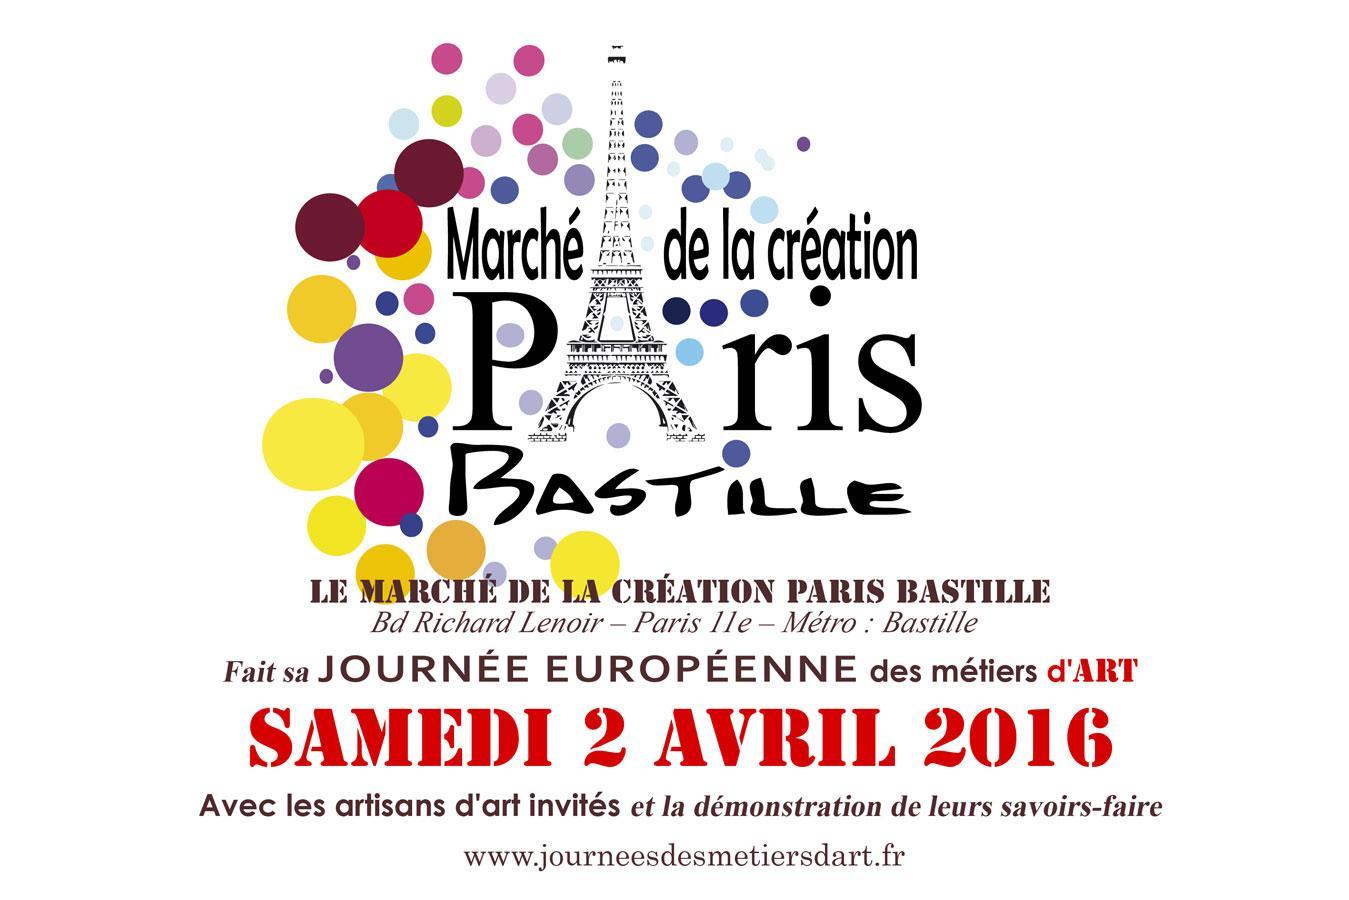 Actualité de Marie-Lucie SCIARLI Association Initiatives Solidaires Marché de la Création Bastille Journées Européennes des Métiers d'Art